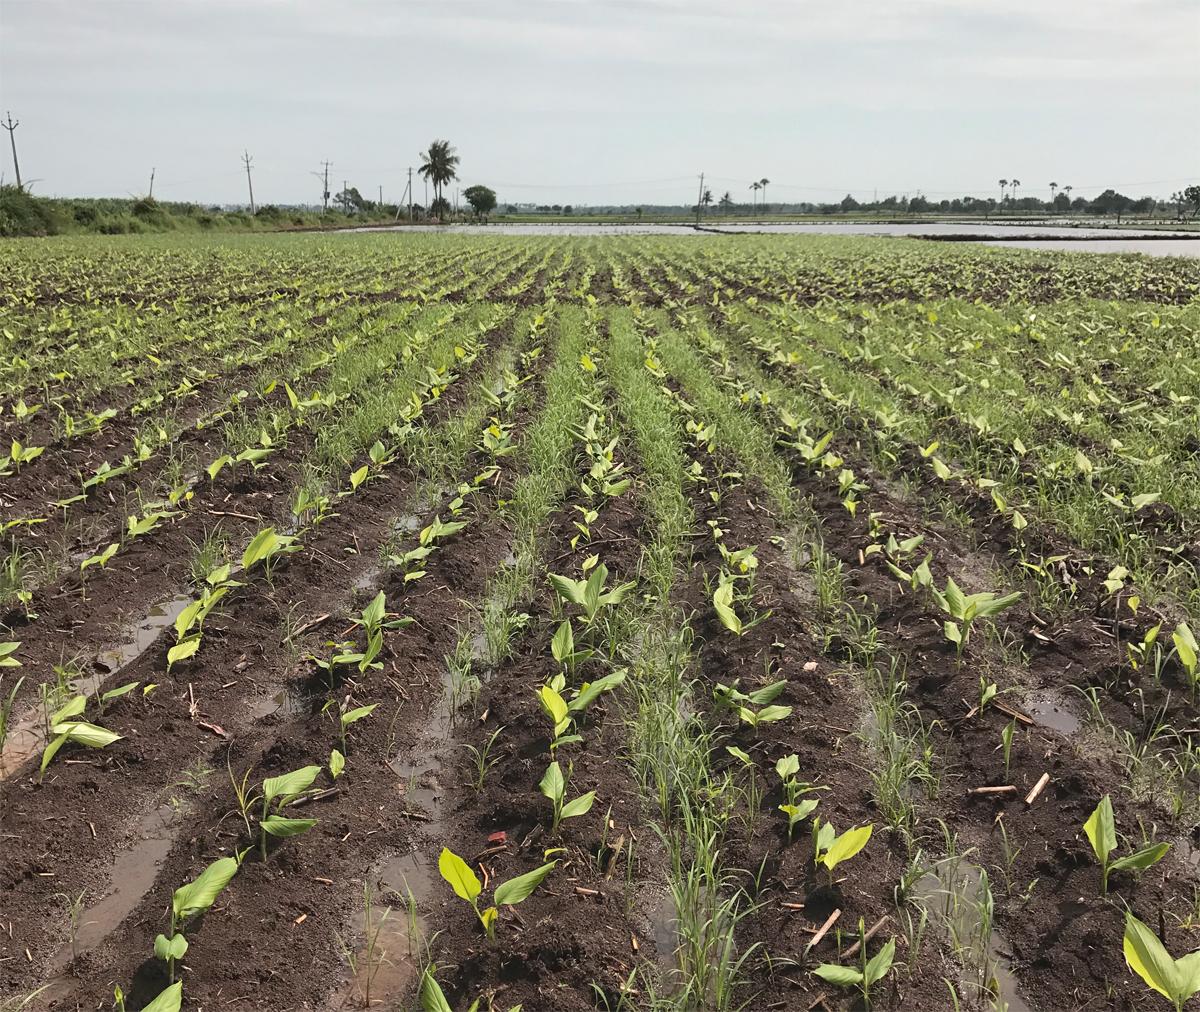 Turmeric seedlings in the field.